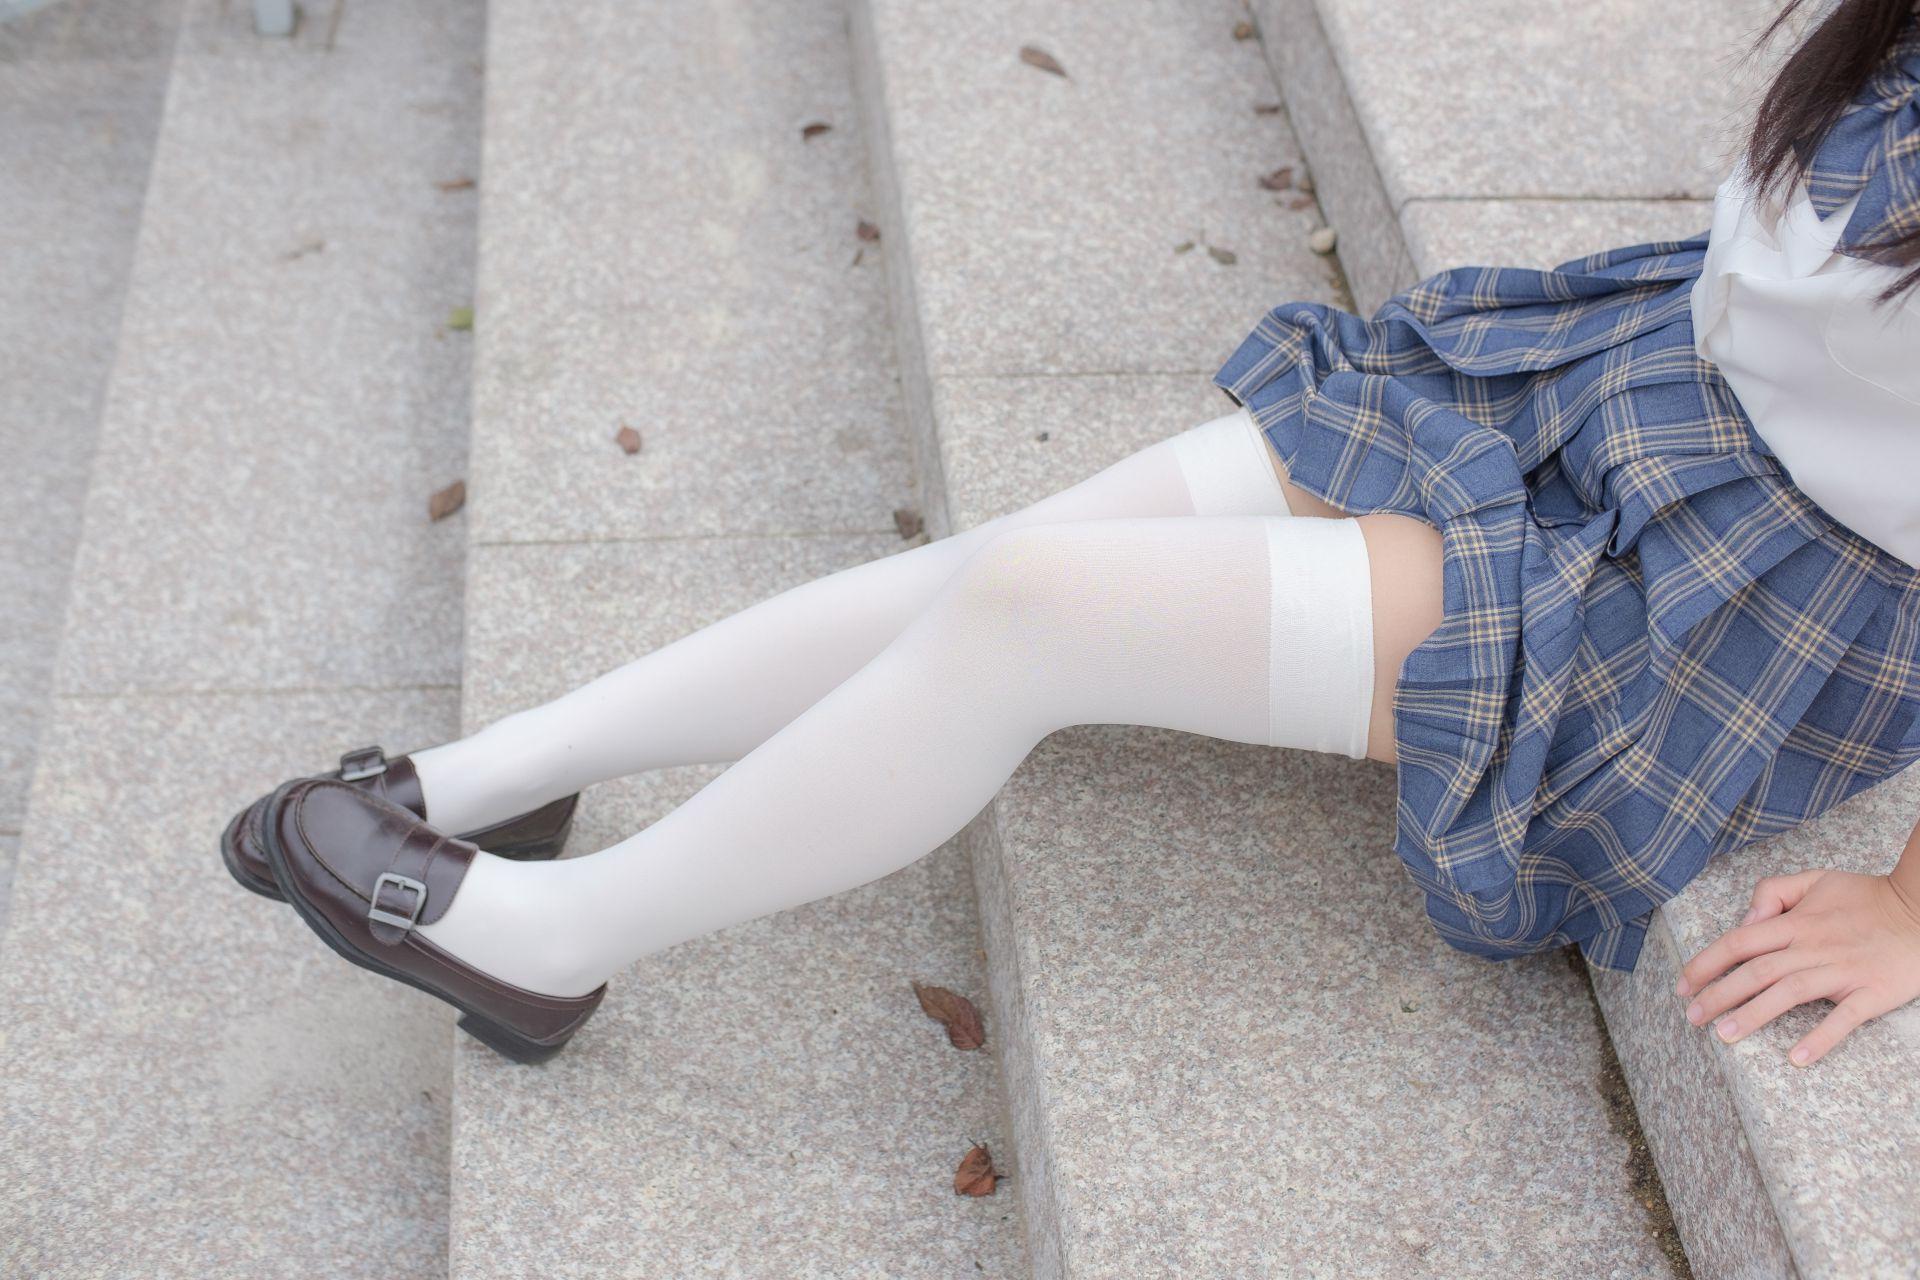 【森萝财团】森萝财团写真 - R15-039 百褶裙白丝美足 [88P-774MB] R15系列 第3张